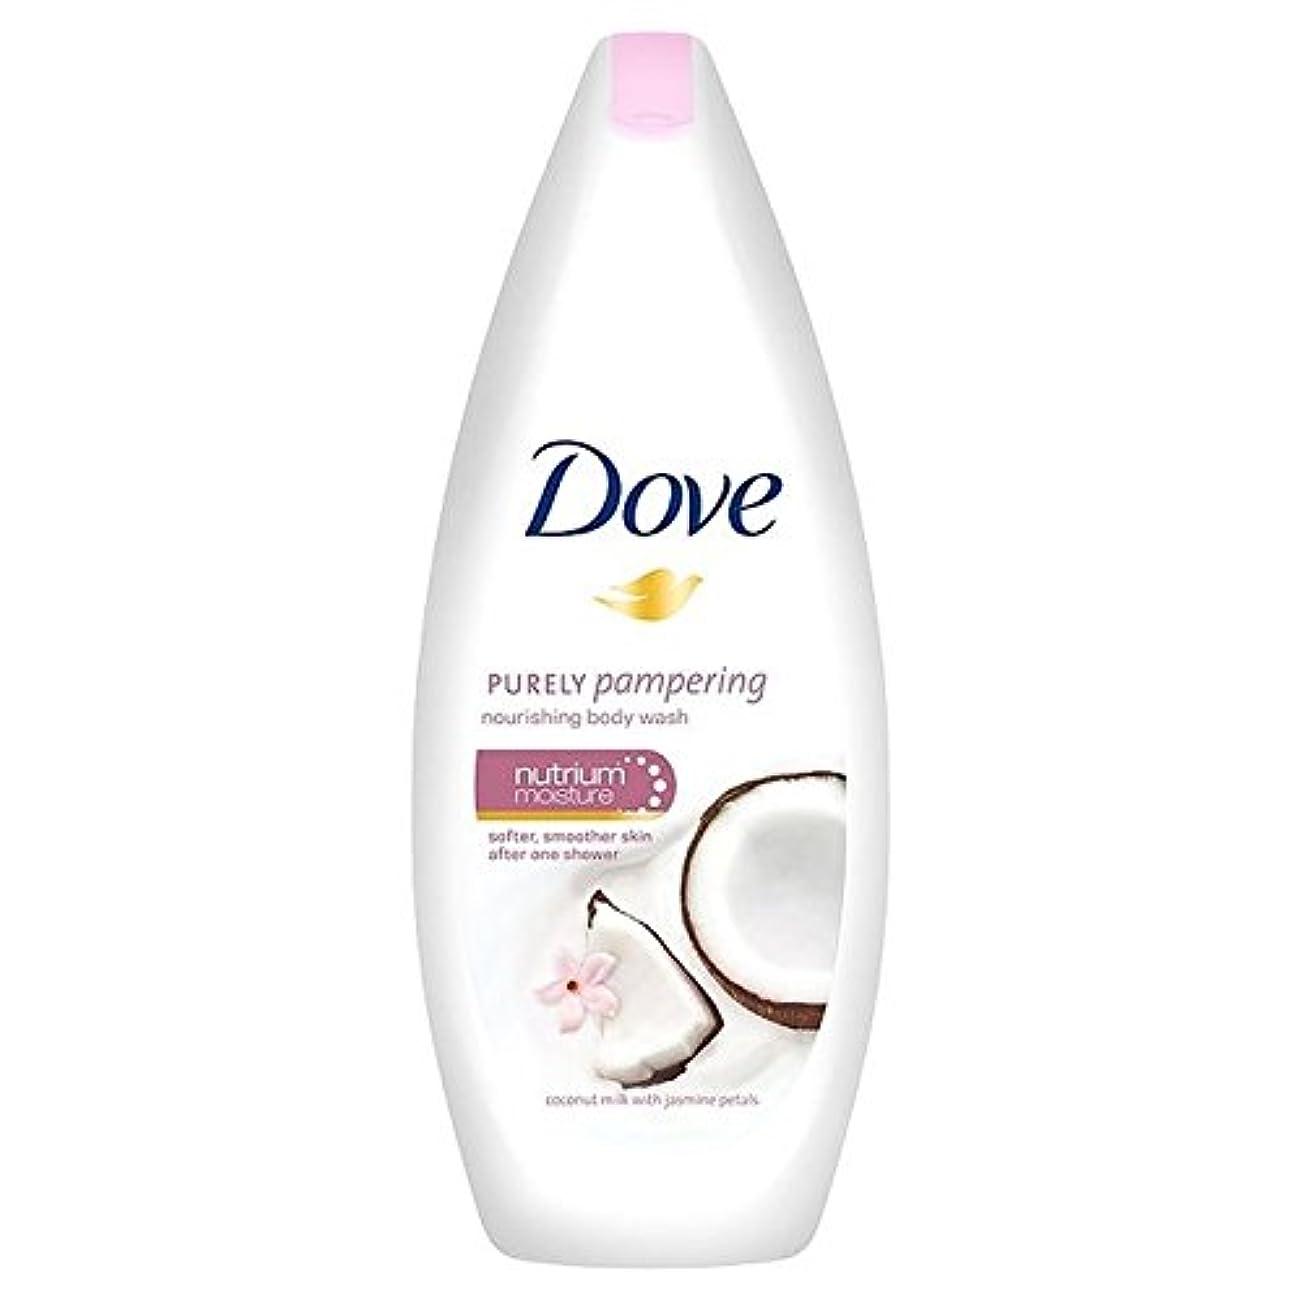 腫瘍金属侵略Dove Purely Pampering Coconut Body Wash 250ml - 鳩純粋に甘やかすココナッツボディウォッシュ250ミリリットル [並行輸入品]